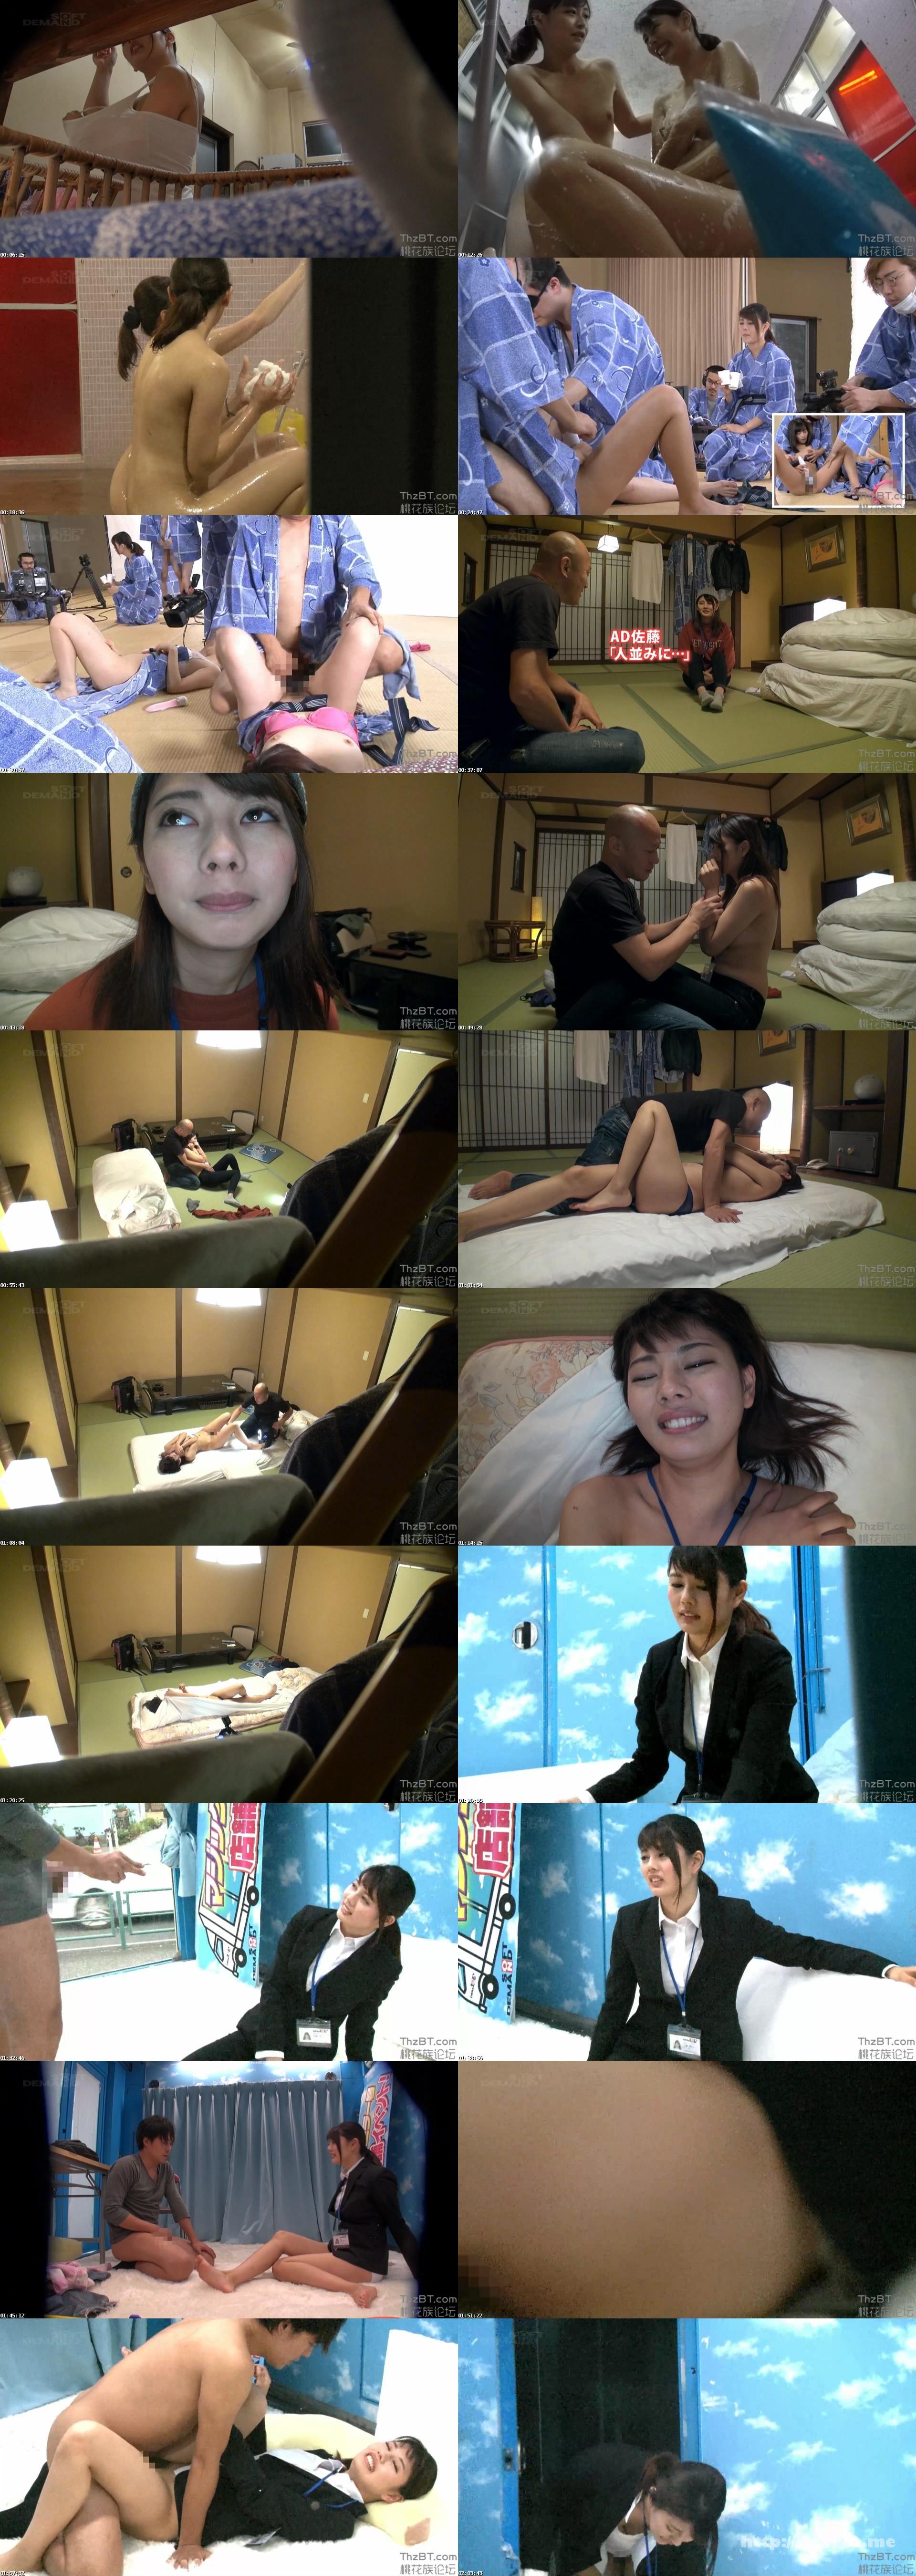 [SDMU-472] SOD女子社員 制作部 入社1年目 AD 佐藤カレンのSEXが撮れました!全然気持ち良くない!と言いつつもピストンされればAhhhh